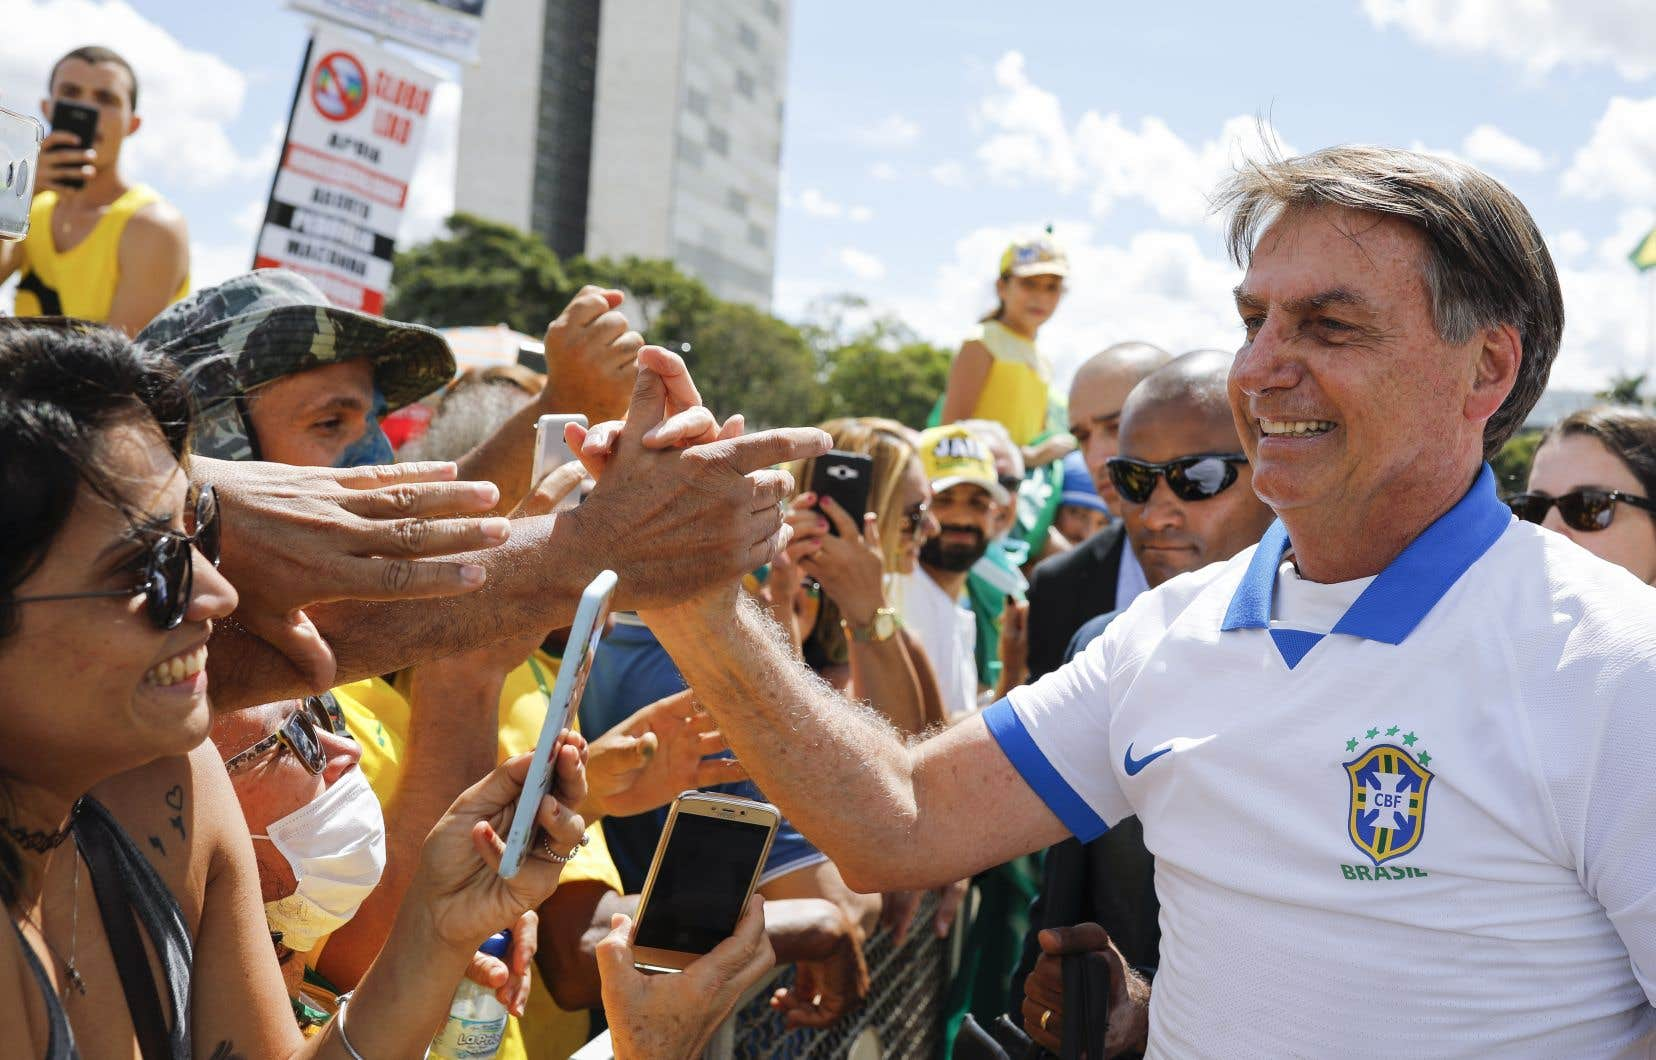 Des centaines de partisans de Bolsonaro se sont réunis dimanche à Brasilia, dont certains portaient des masques avec des inscriptions telles que «le virus, ce sont les ordures du Parlement». Le président lui-même a fait une apparition au rassemblement, serrant des mains et prenant des selfies.